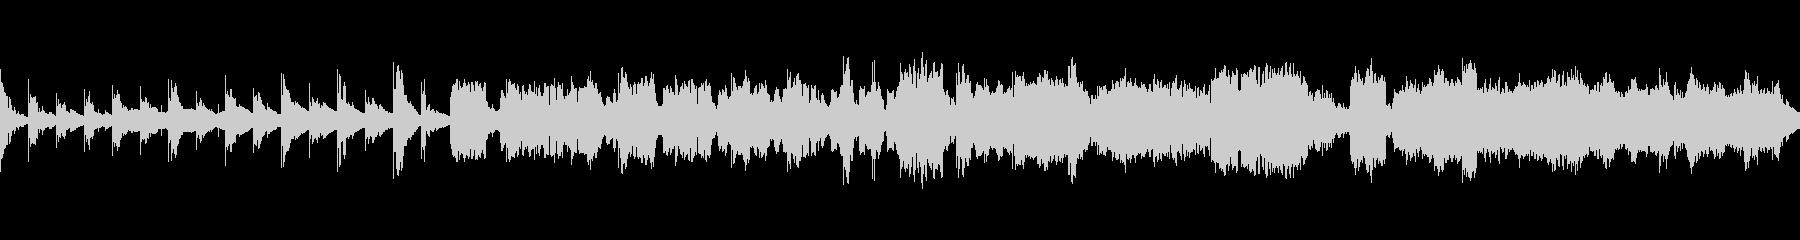 【ループ】クラリネットと鉄琴のヒーリングの未再生の波形